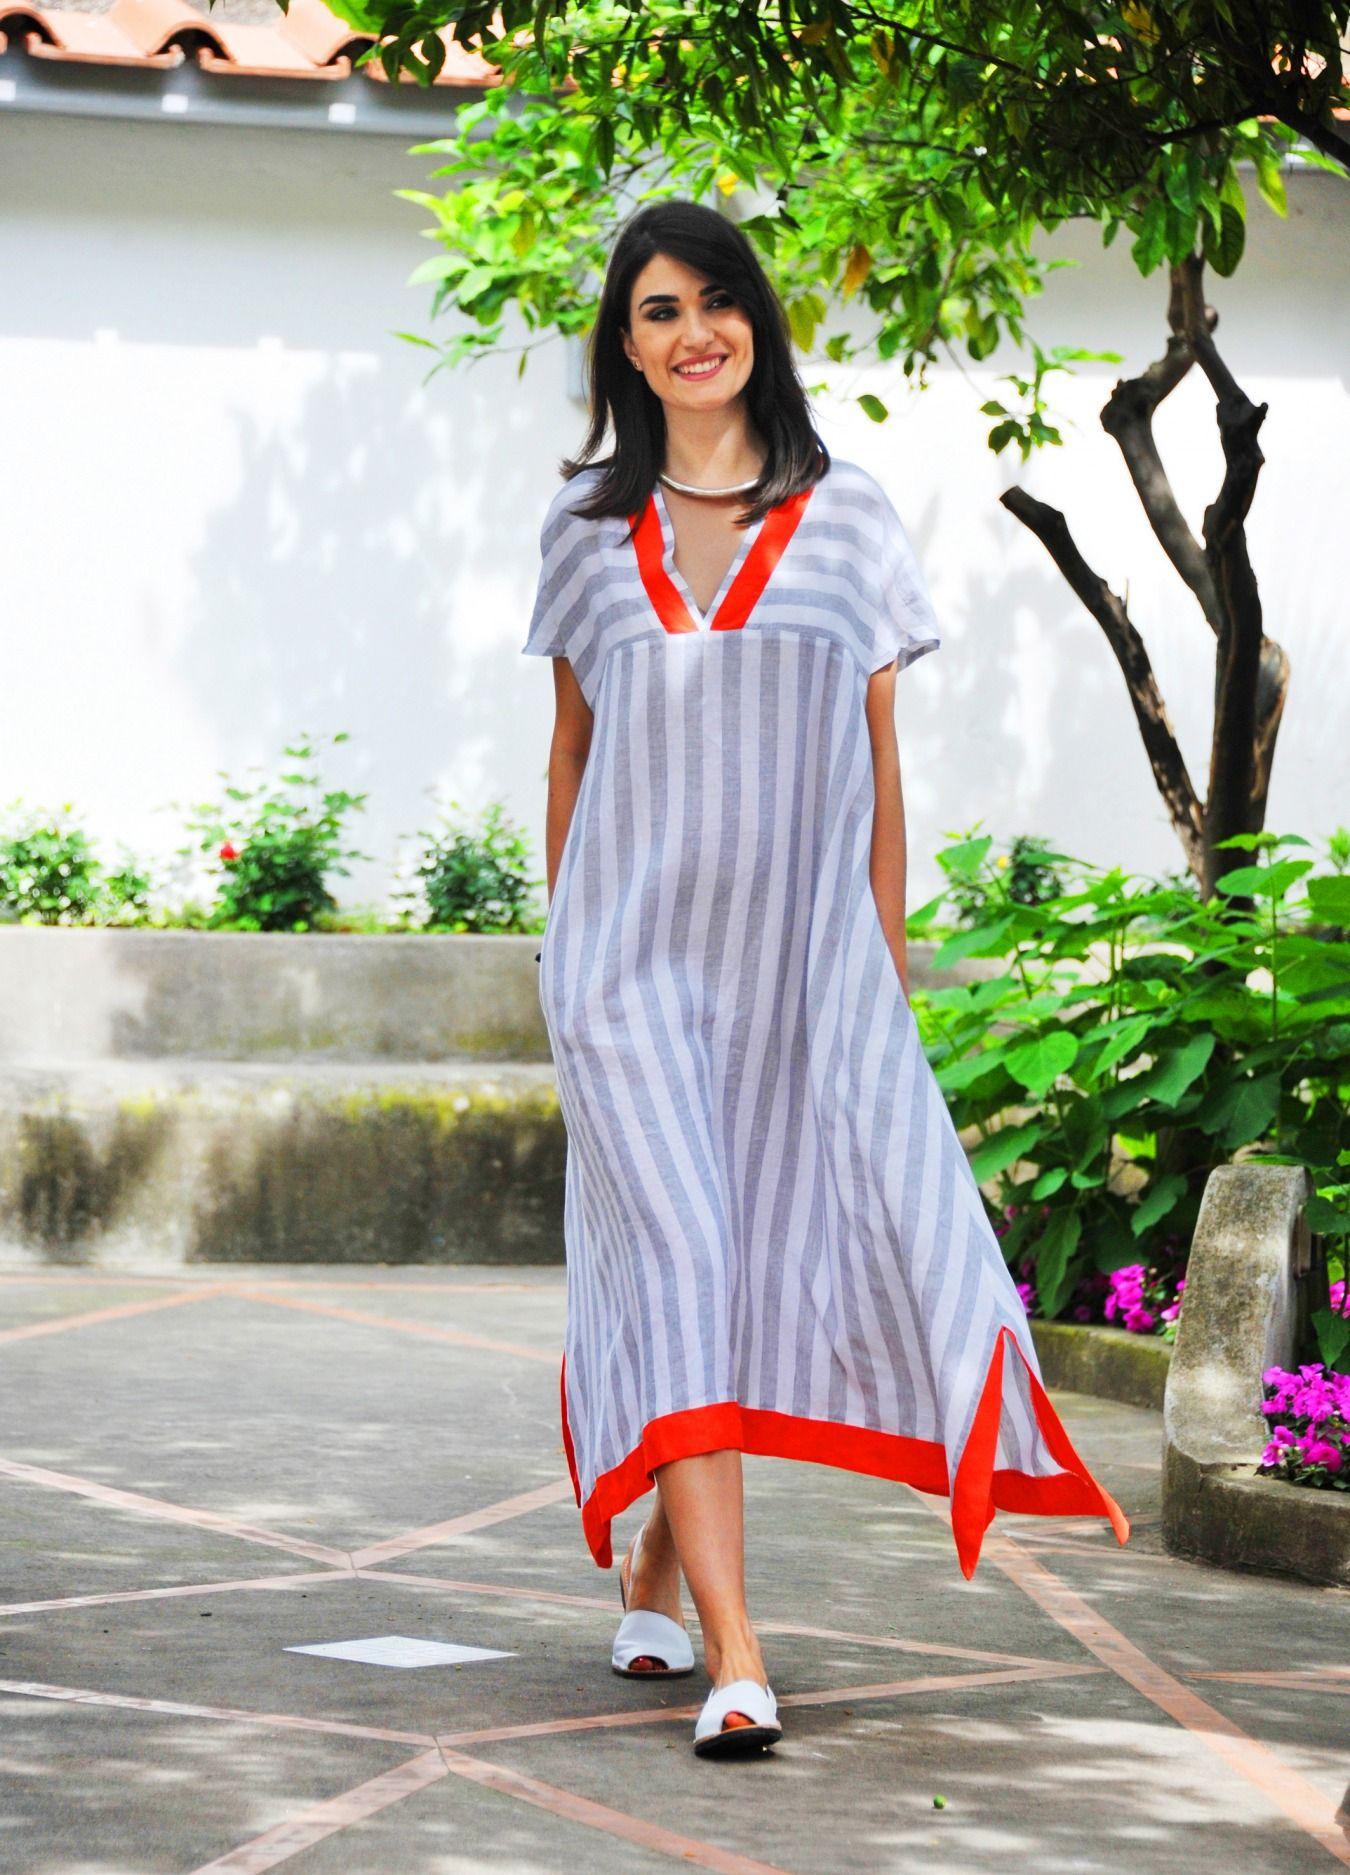 finest selection 36489 8d8a6 Abito lino, camicione Positano, moda Positano, vestito lino ...